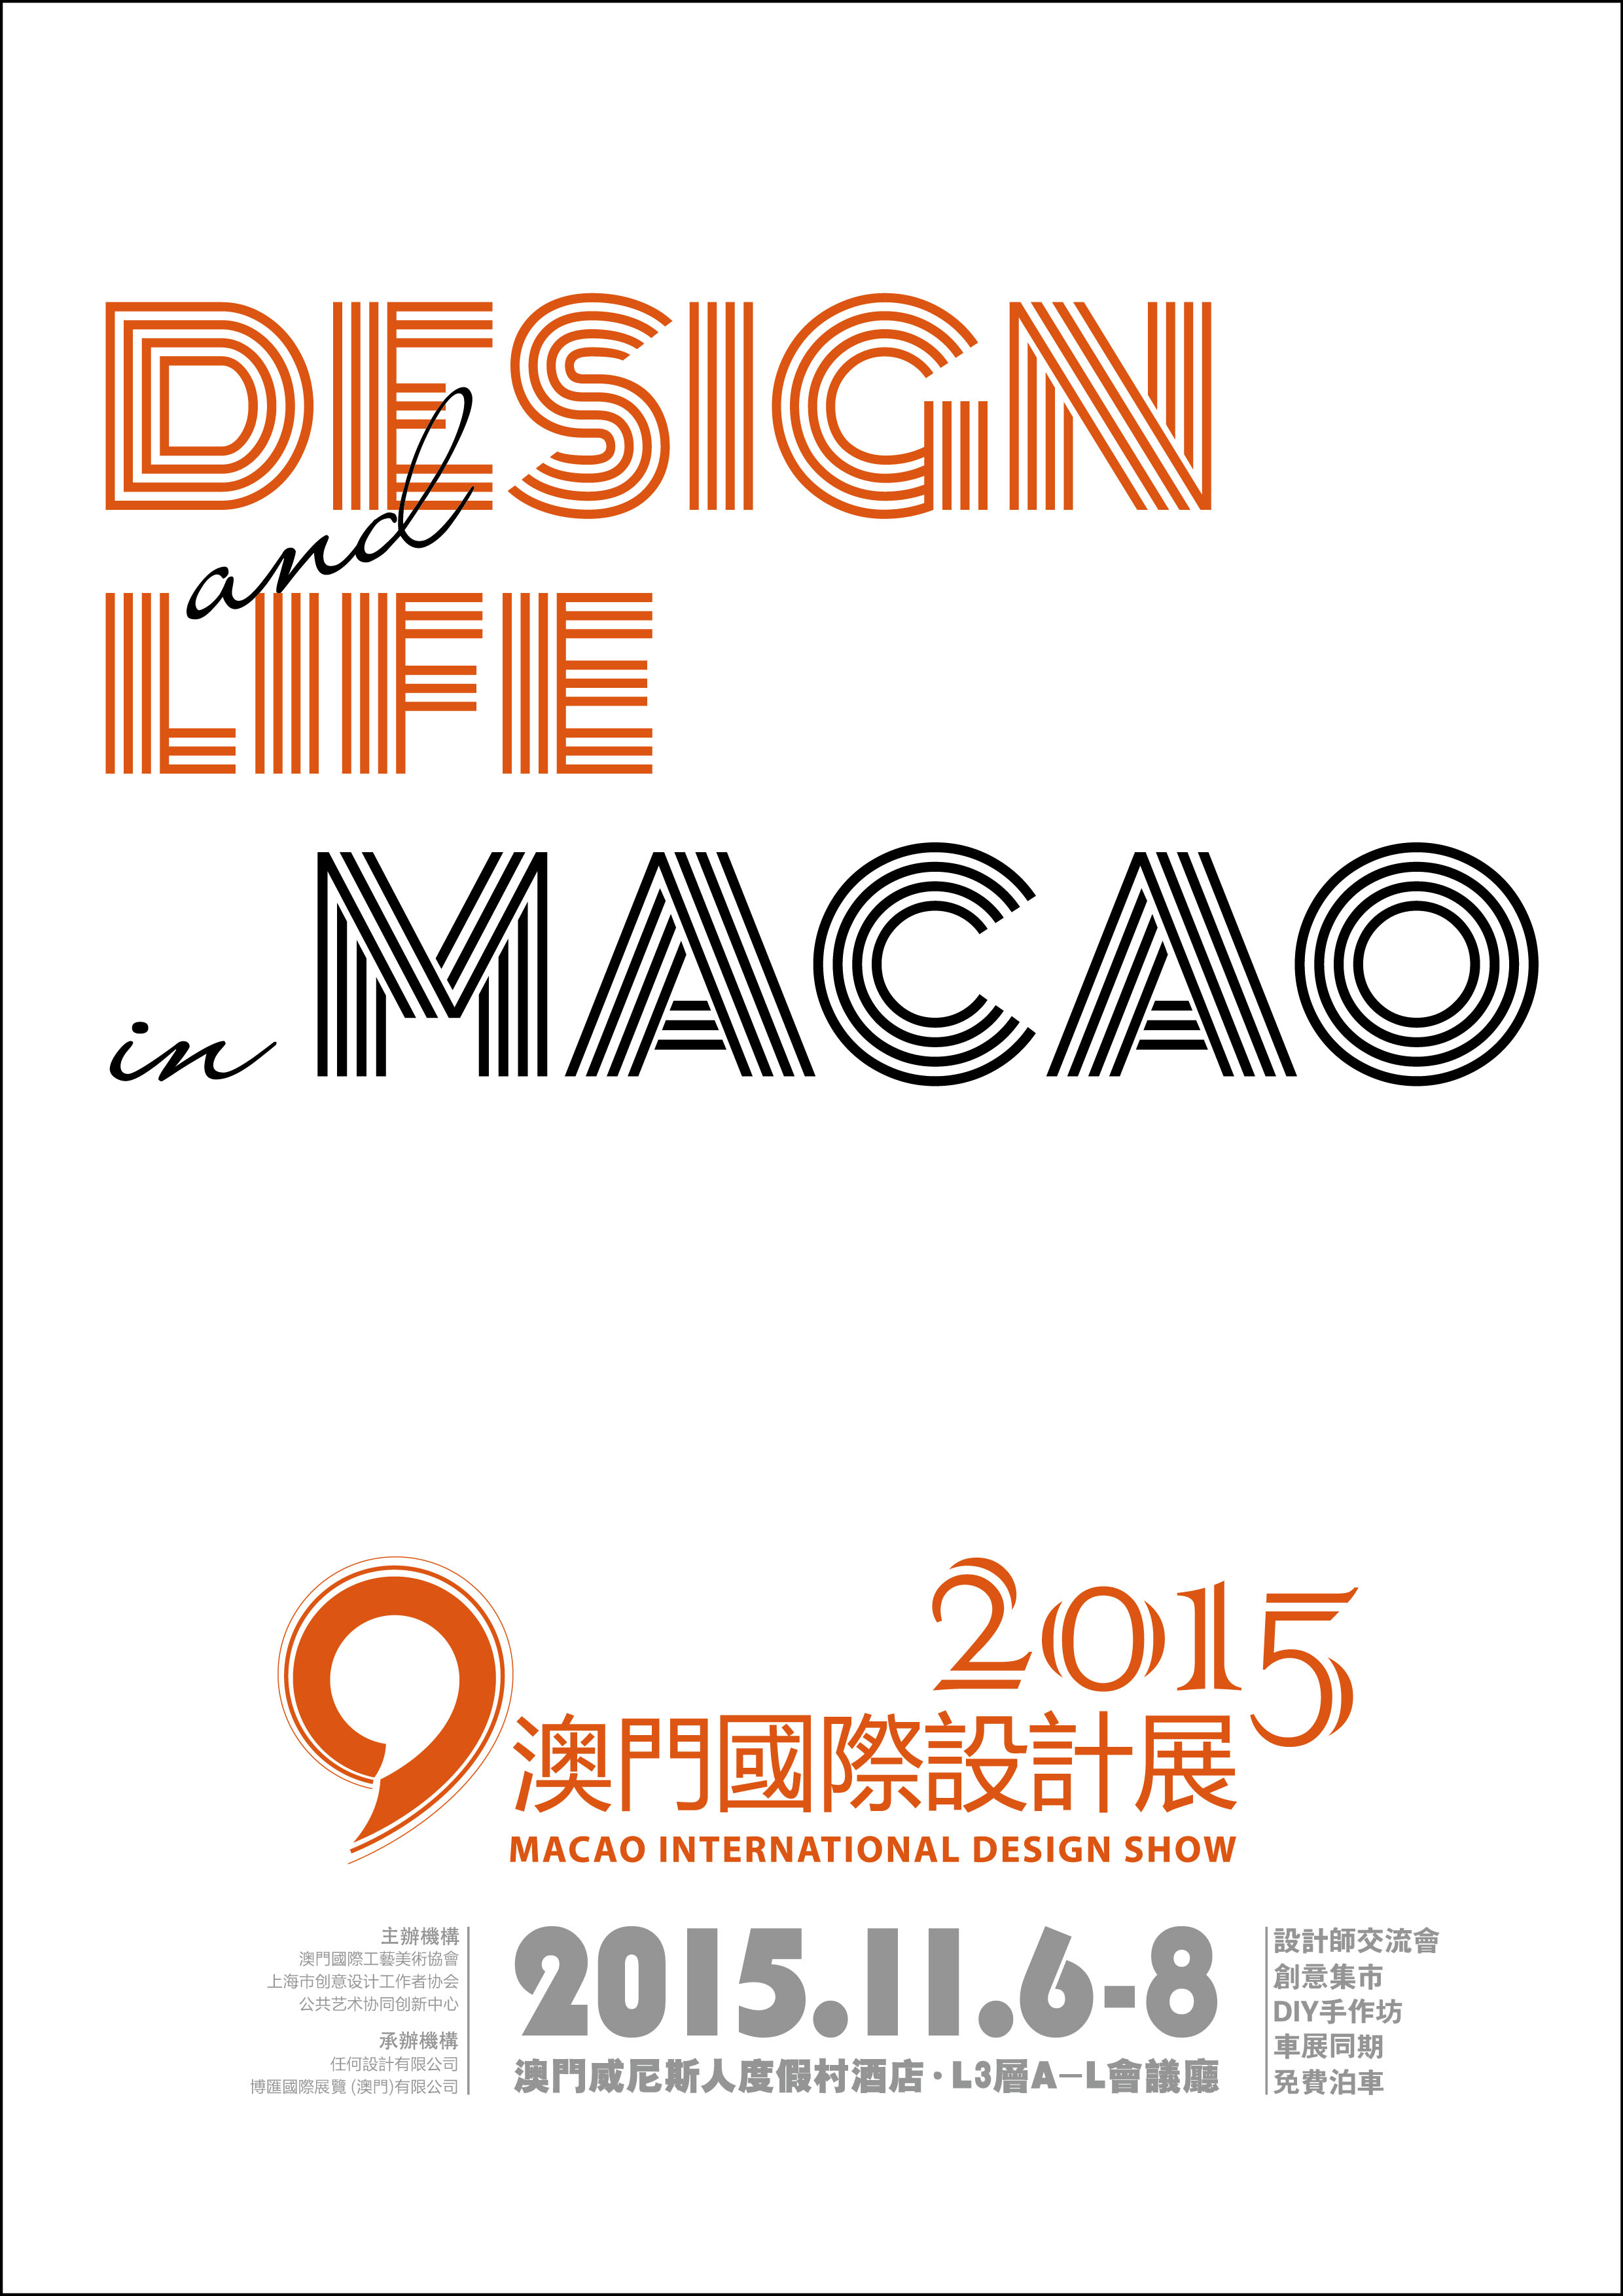 由澳门国际工艺美术协会、上海市创意设计工作者协会和公共艺术协同创新中心联合主办的「澳门国际设计展2015」,采用与世界设计双年展相接轨的策展方式,力图打造出澳门第一个实验性、体验性的设计展。一连三日的专业设计展,占地面积约6,500平方米,会场将划分成国际艺术交流区、知名设计师区、产品设计区、创意市集区和手作课程区这五大类进行展示,是澳门最具创意的设计交流平台。 本次展览会旨在提倡「设计引领创意生活、美学生活」的愿景,将「设计与生活」凝结为个性化和创意性的生活状态,探索思考设计给生活带来的无限可能性。主